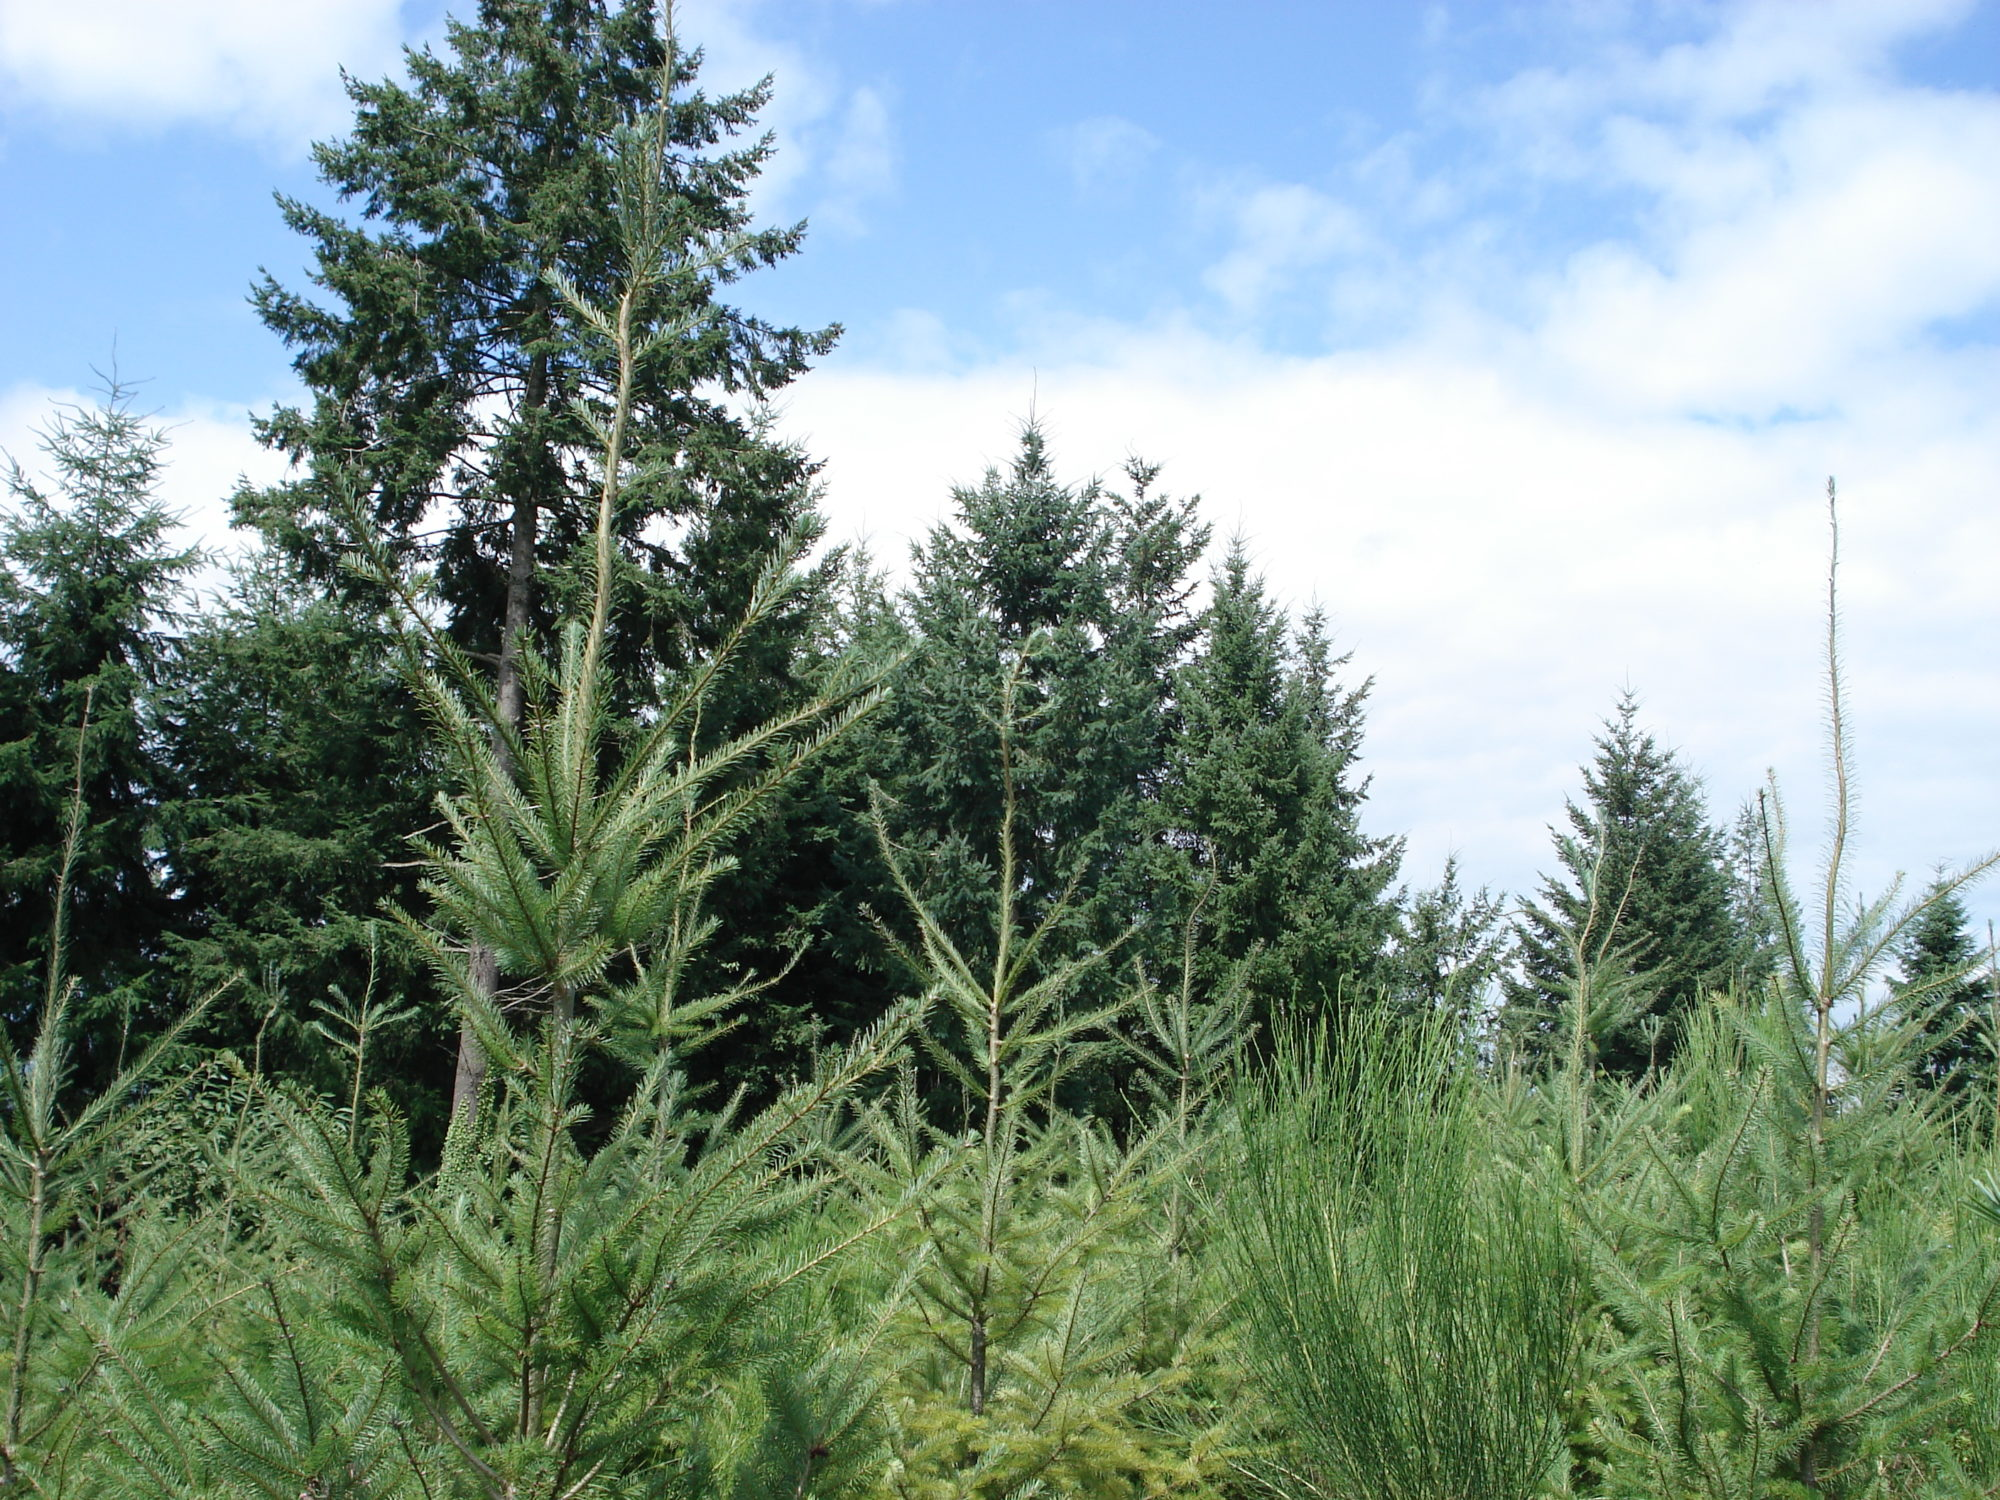 Formations gestion forestière reboisement bois bucheronnage